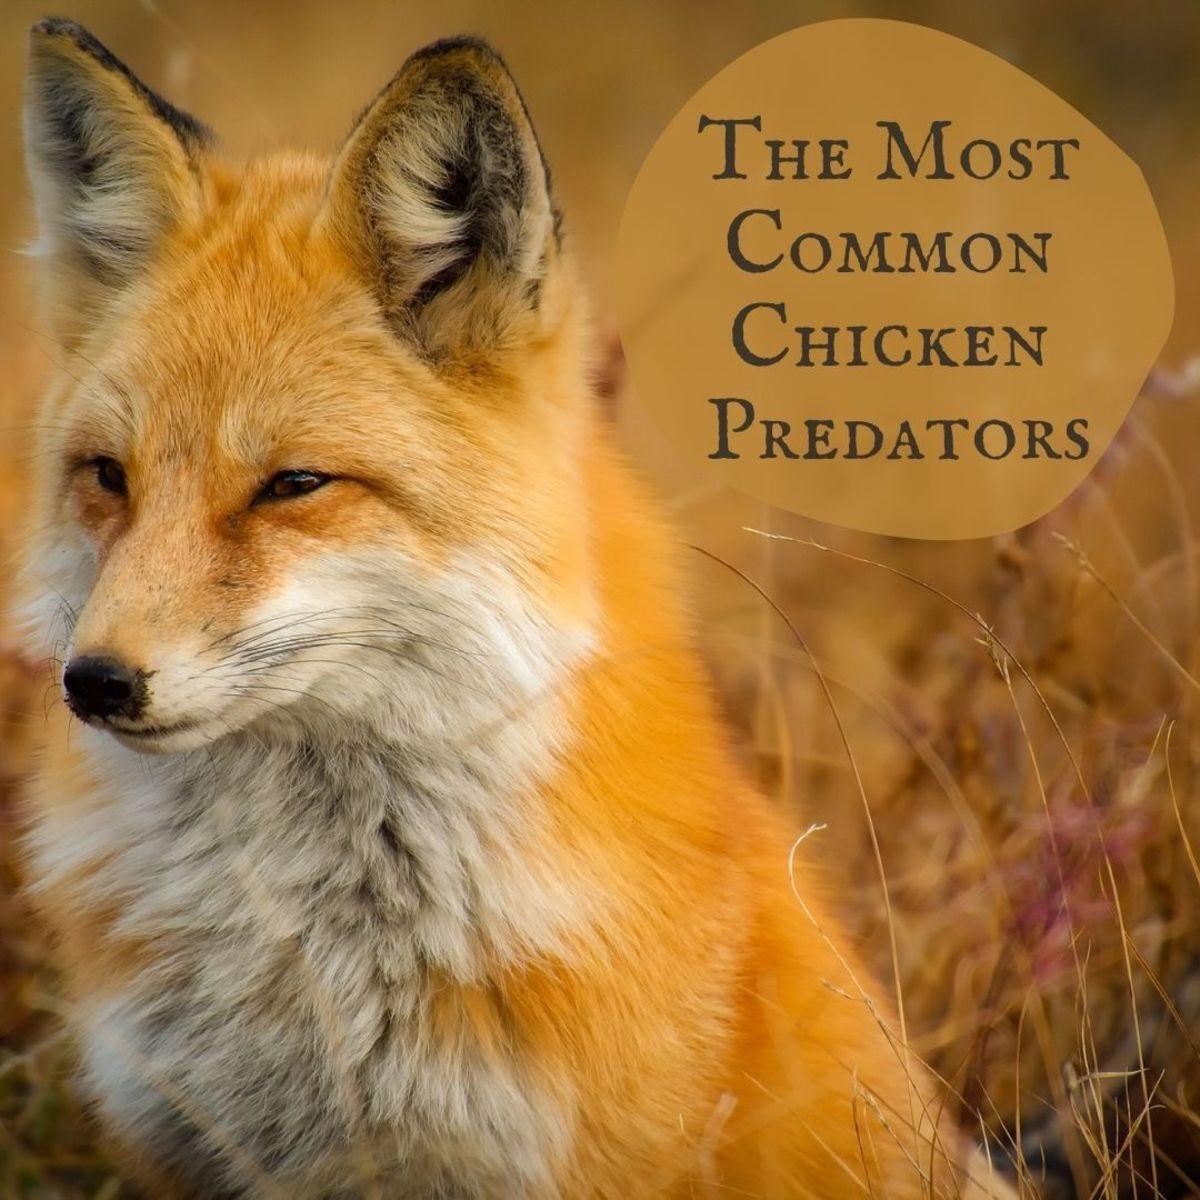 12 Most Common Chicken Predators in the U.S.